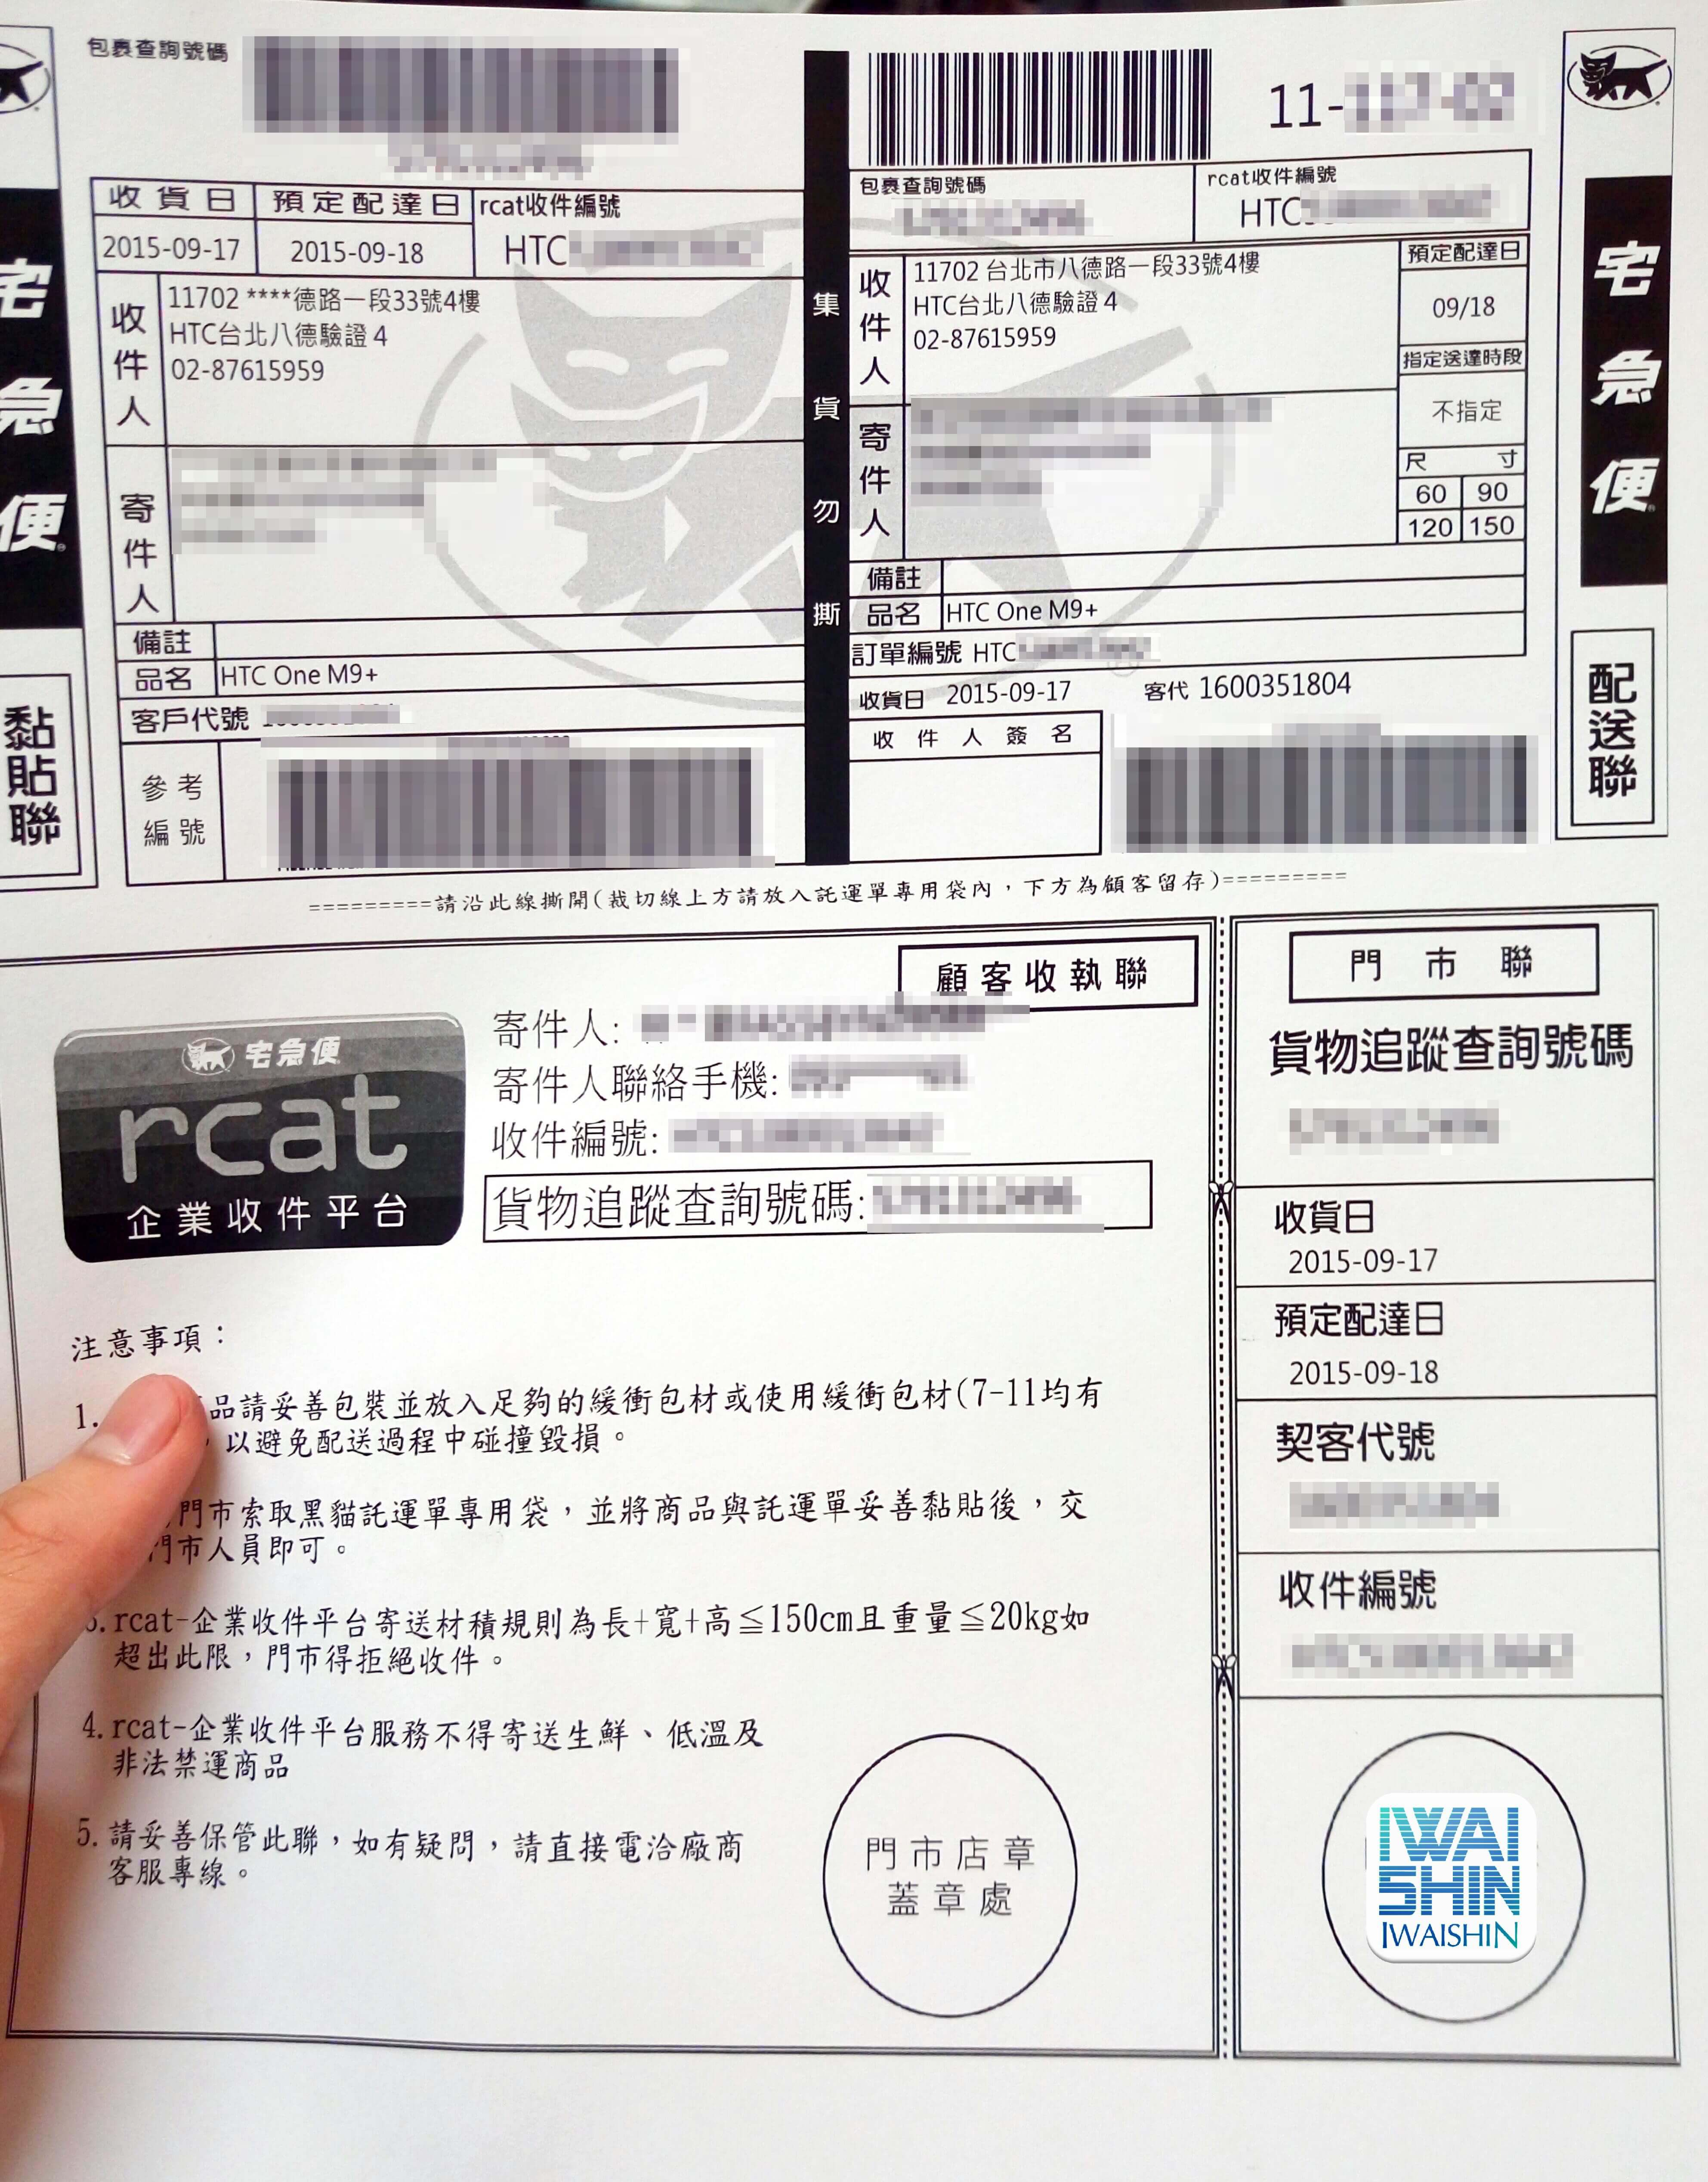 HTC 7-11 icat947